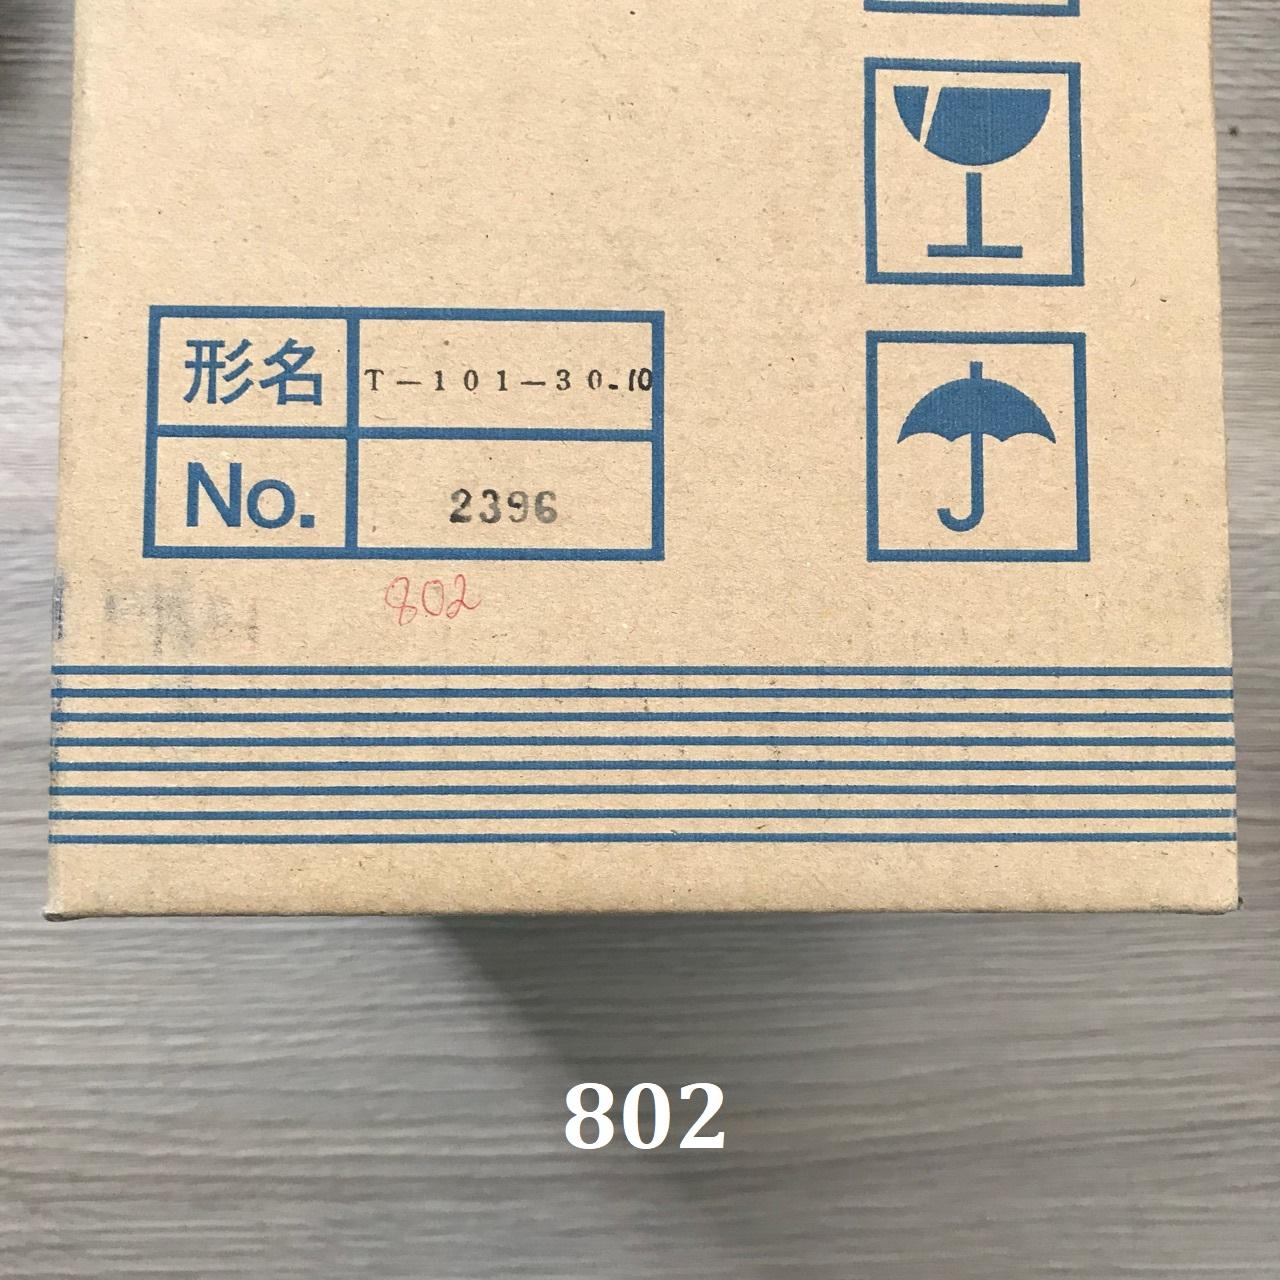 Tension meter T-101-30-10 Yokogawa